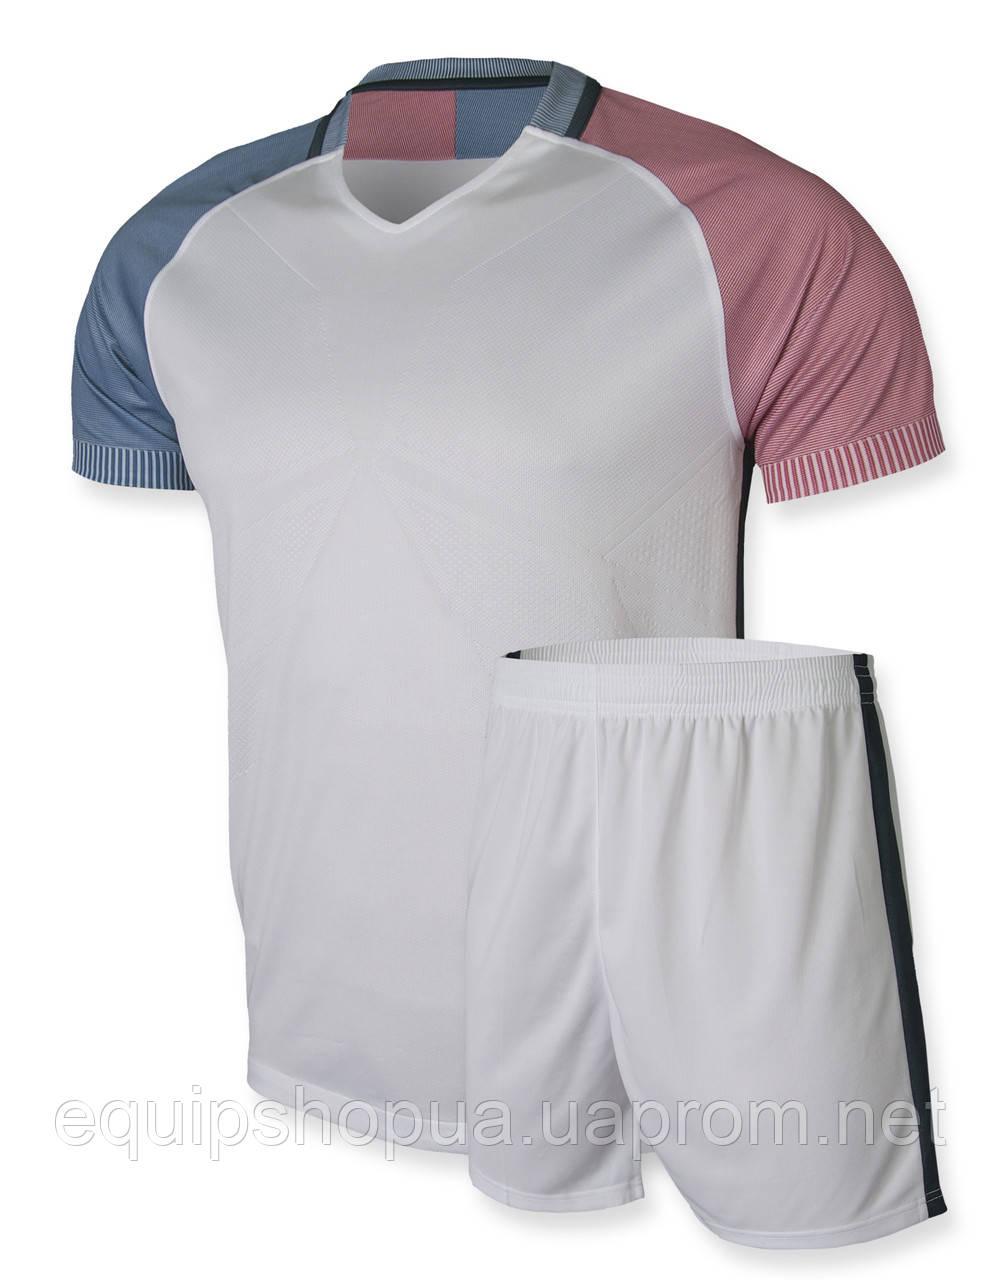 Футбольная форма Europaw 012 белая